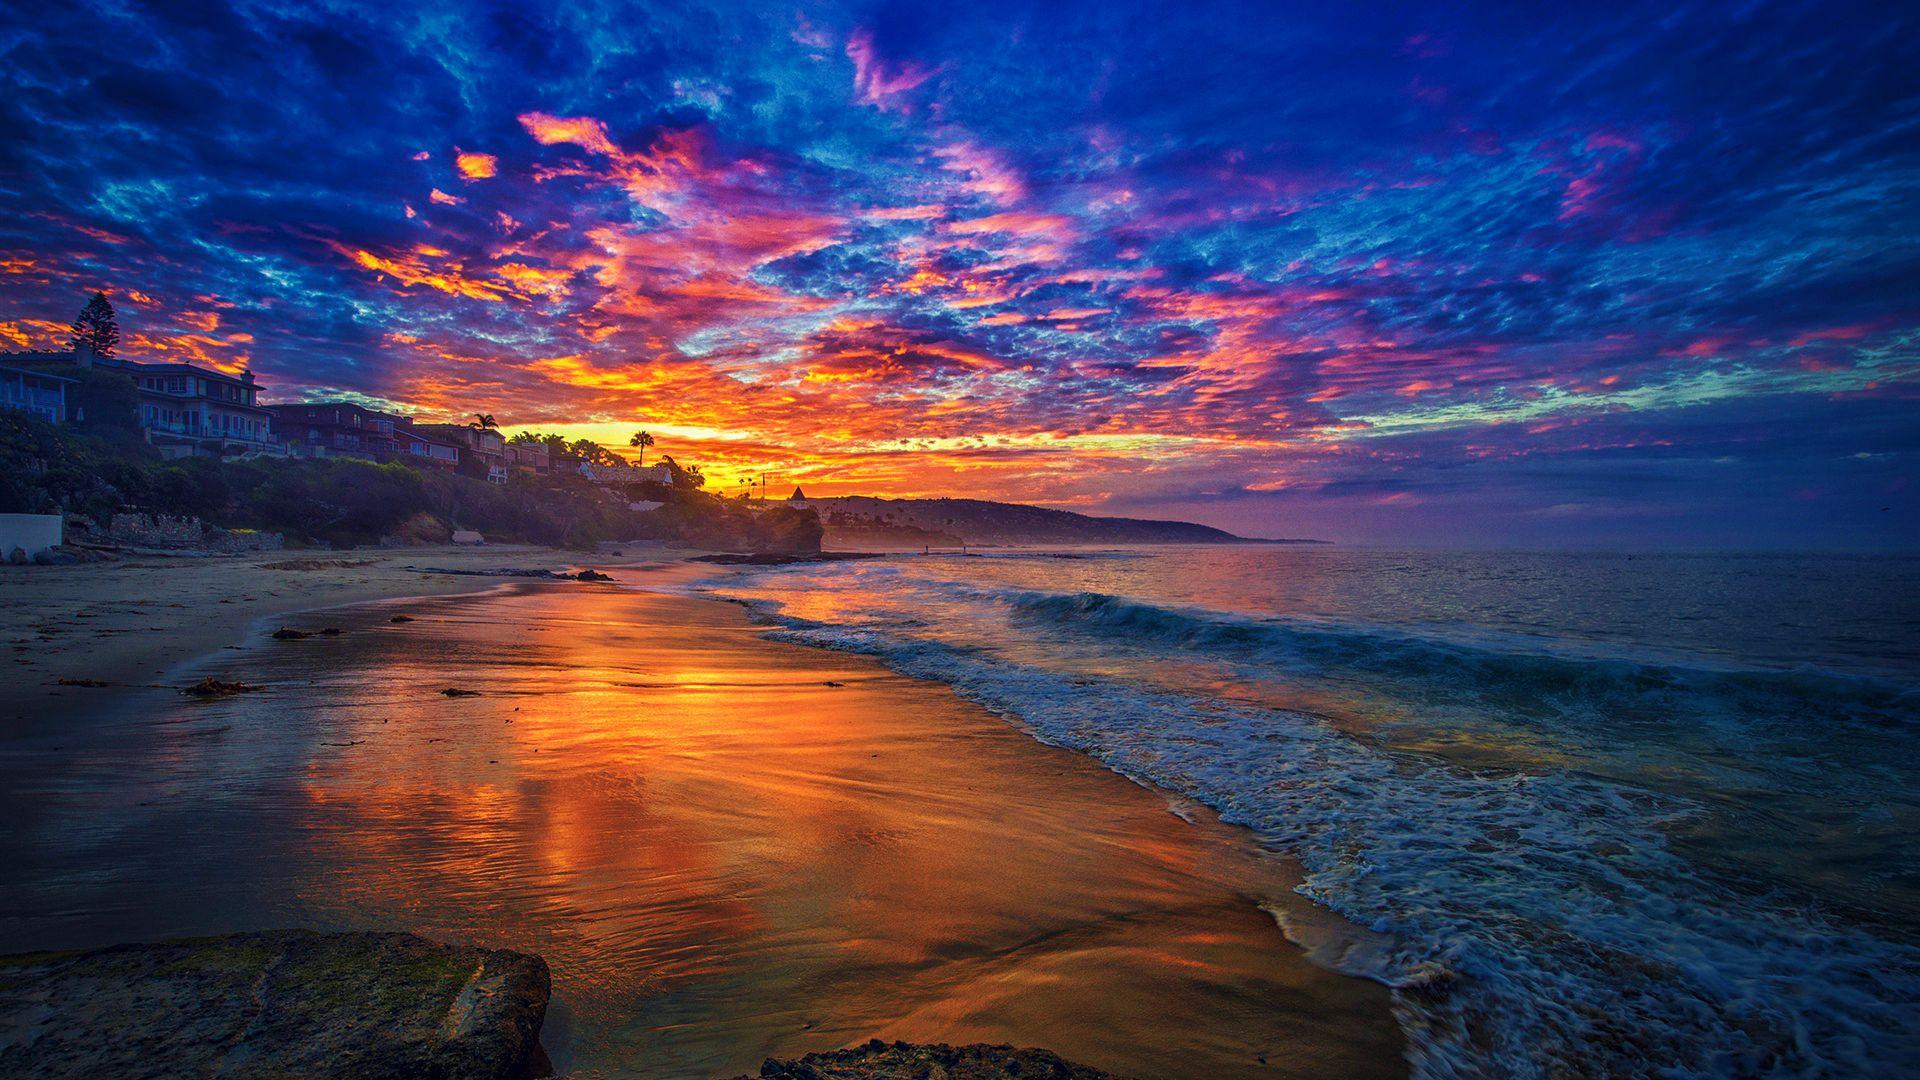 Good Wallpaper Horse Sunrise - tumblr_static_photos-of-morning-sunrise-wallpaper-on-the-beach  2018_984350.jpg